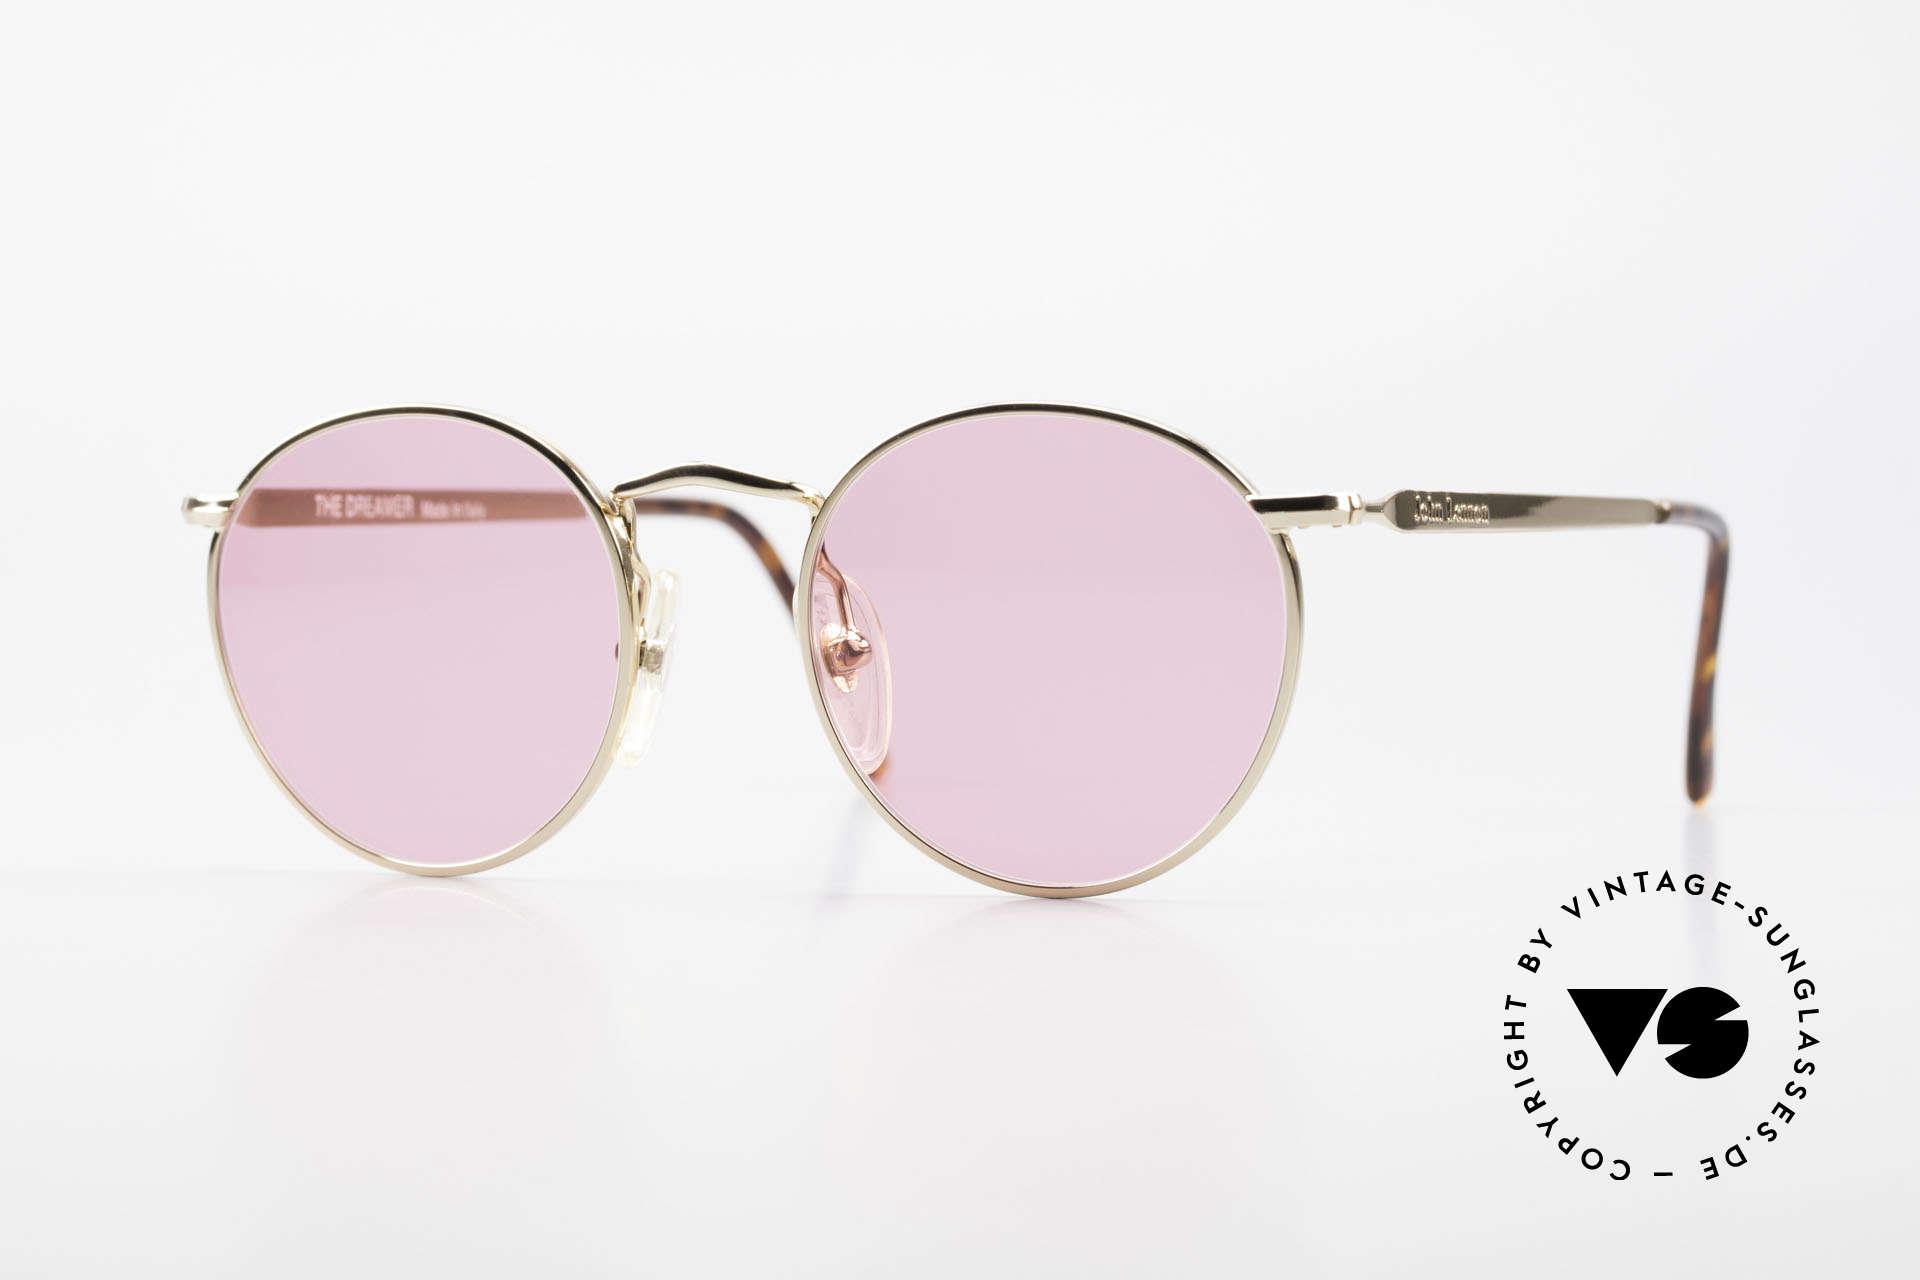 John Lennon - The Dreamer Die Rosarote Vintage Brille, Model 'The Dreamer': Panto-Brille in 47mm Größe, Passend für Herren und Damen